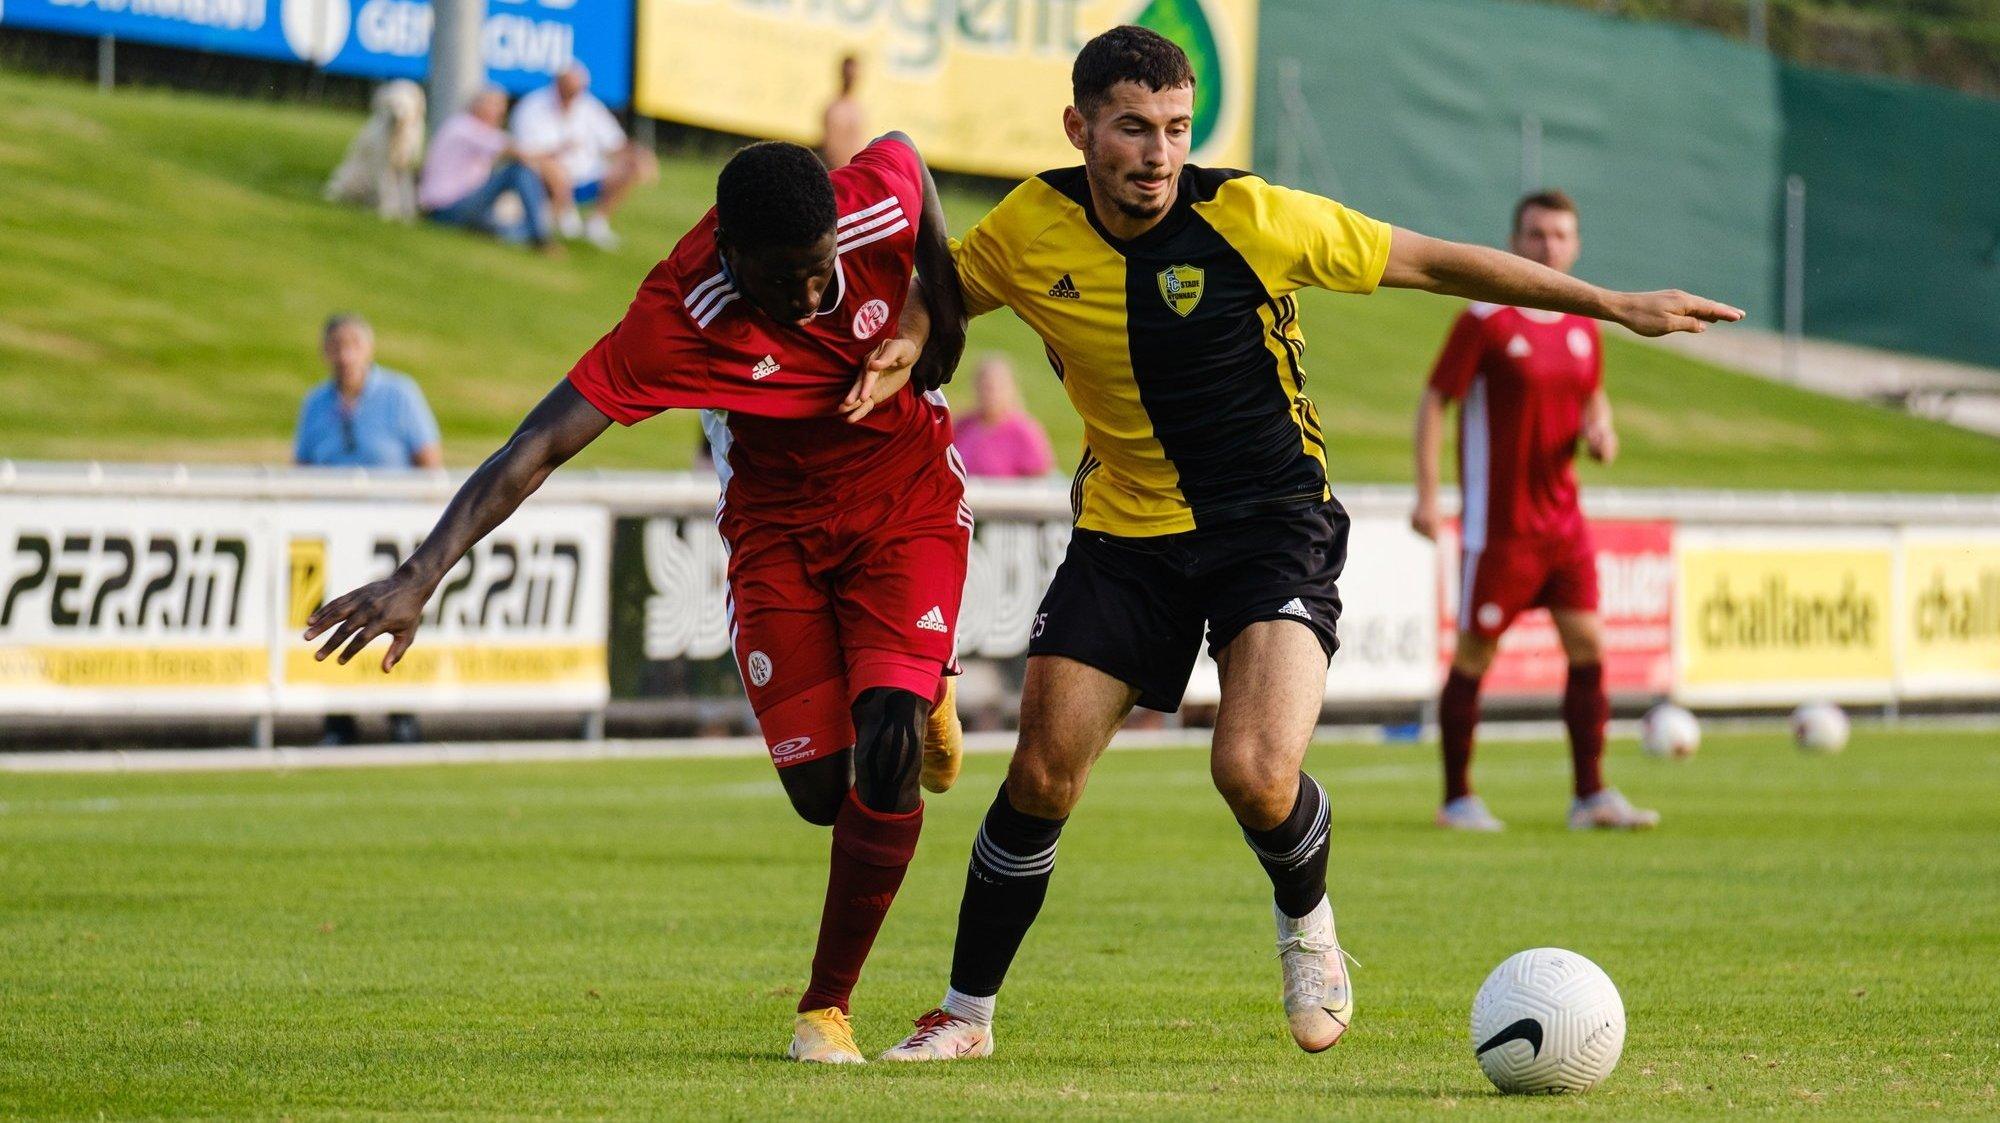 """Tiago Escorza et les """"jaune et noir"""" ont accroché le leader Breitenrain."""